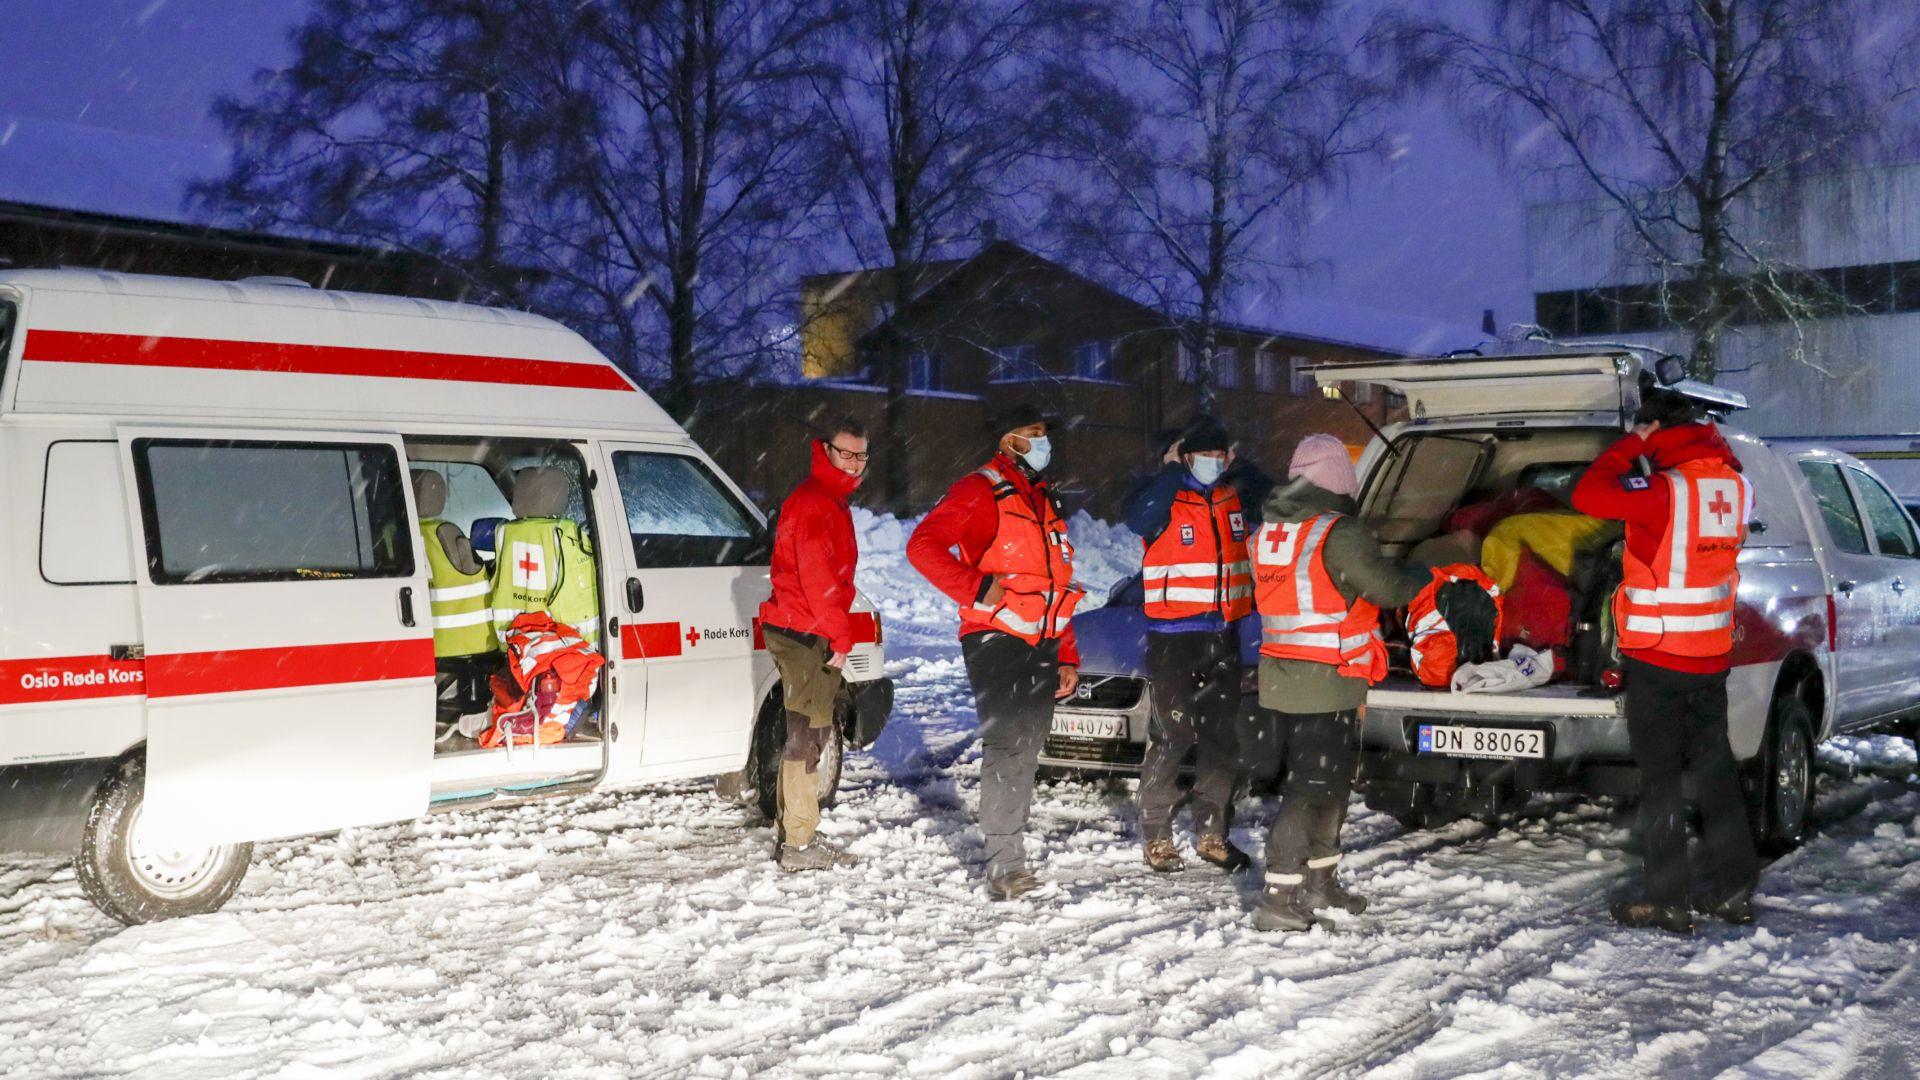 Свлачище повлече къщи в град край Осло, десетки души се издирват (снимки и видео)